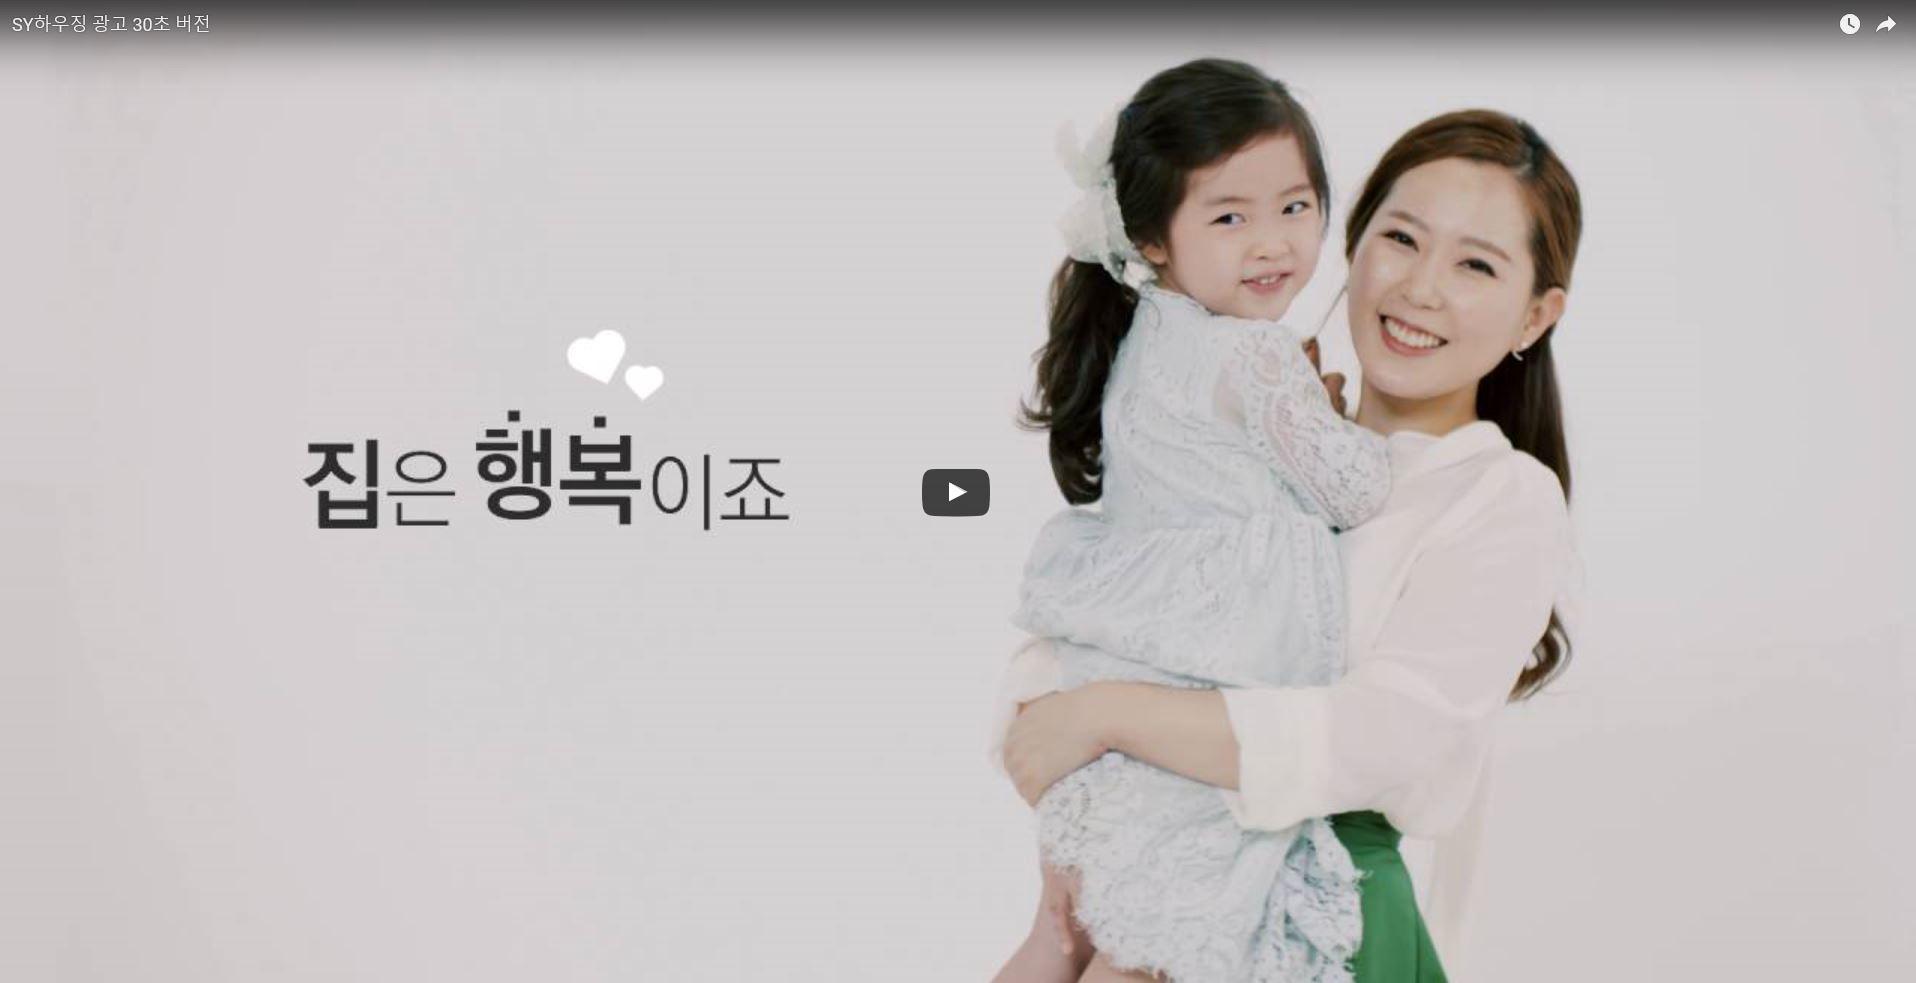 [TV광고]2016 에스와이하우징 광고